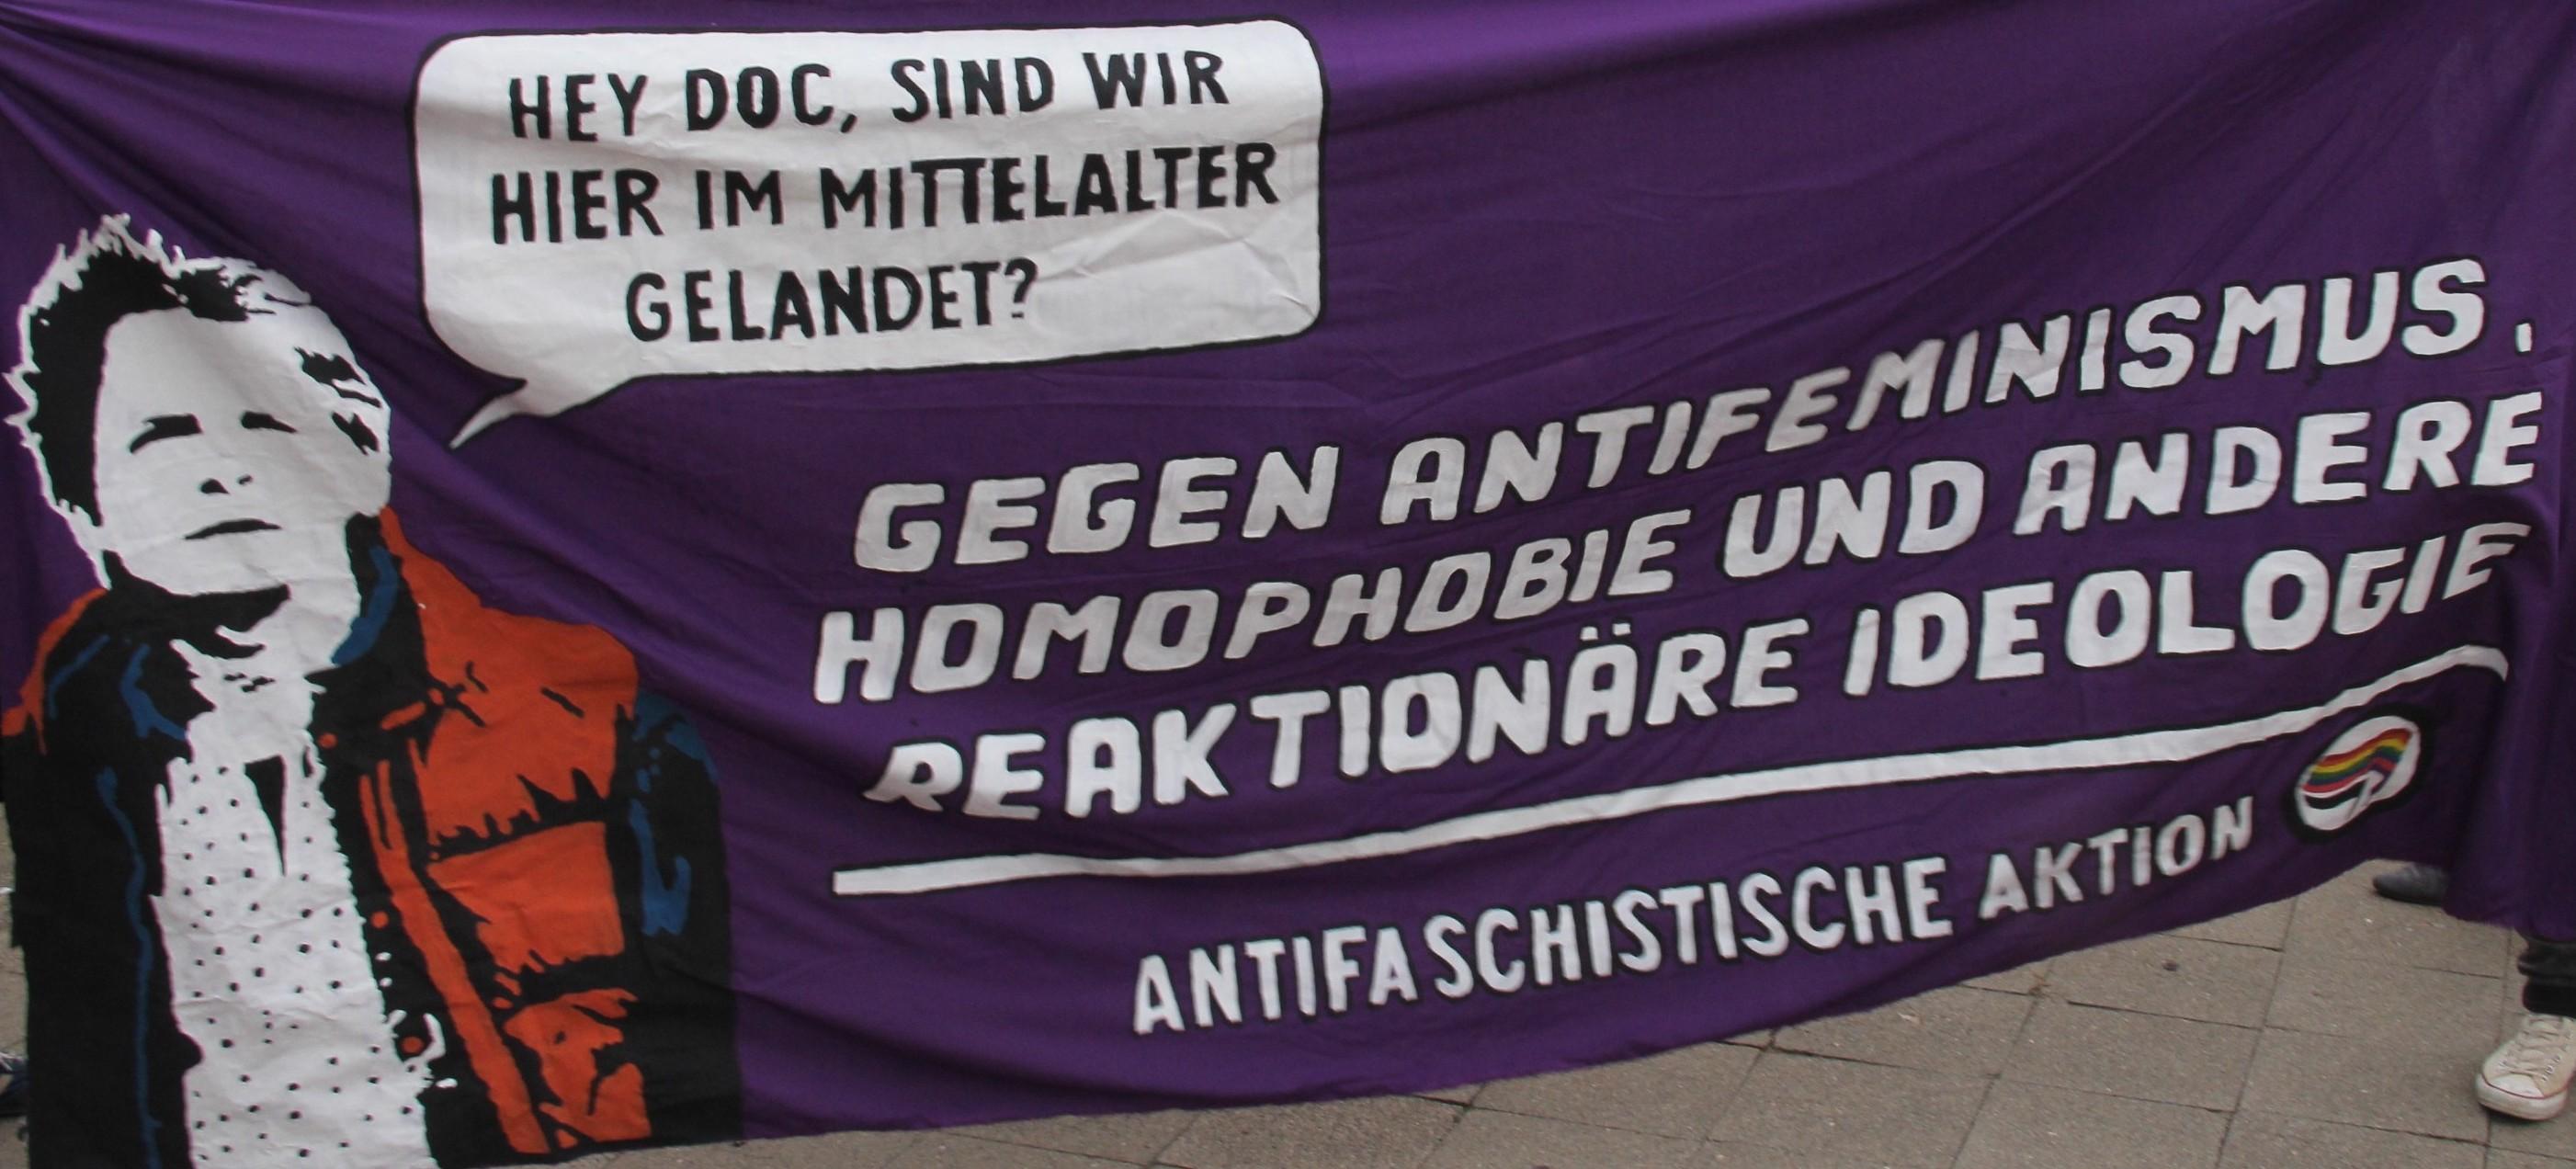 Foto von Transparent: Gegen Antifeminismus und Homophobie